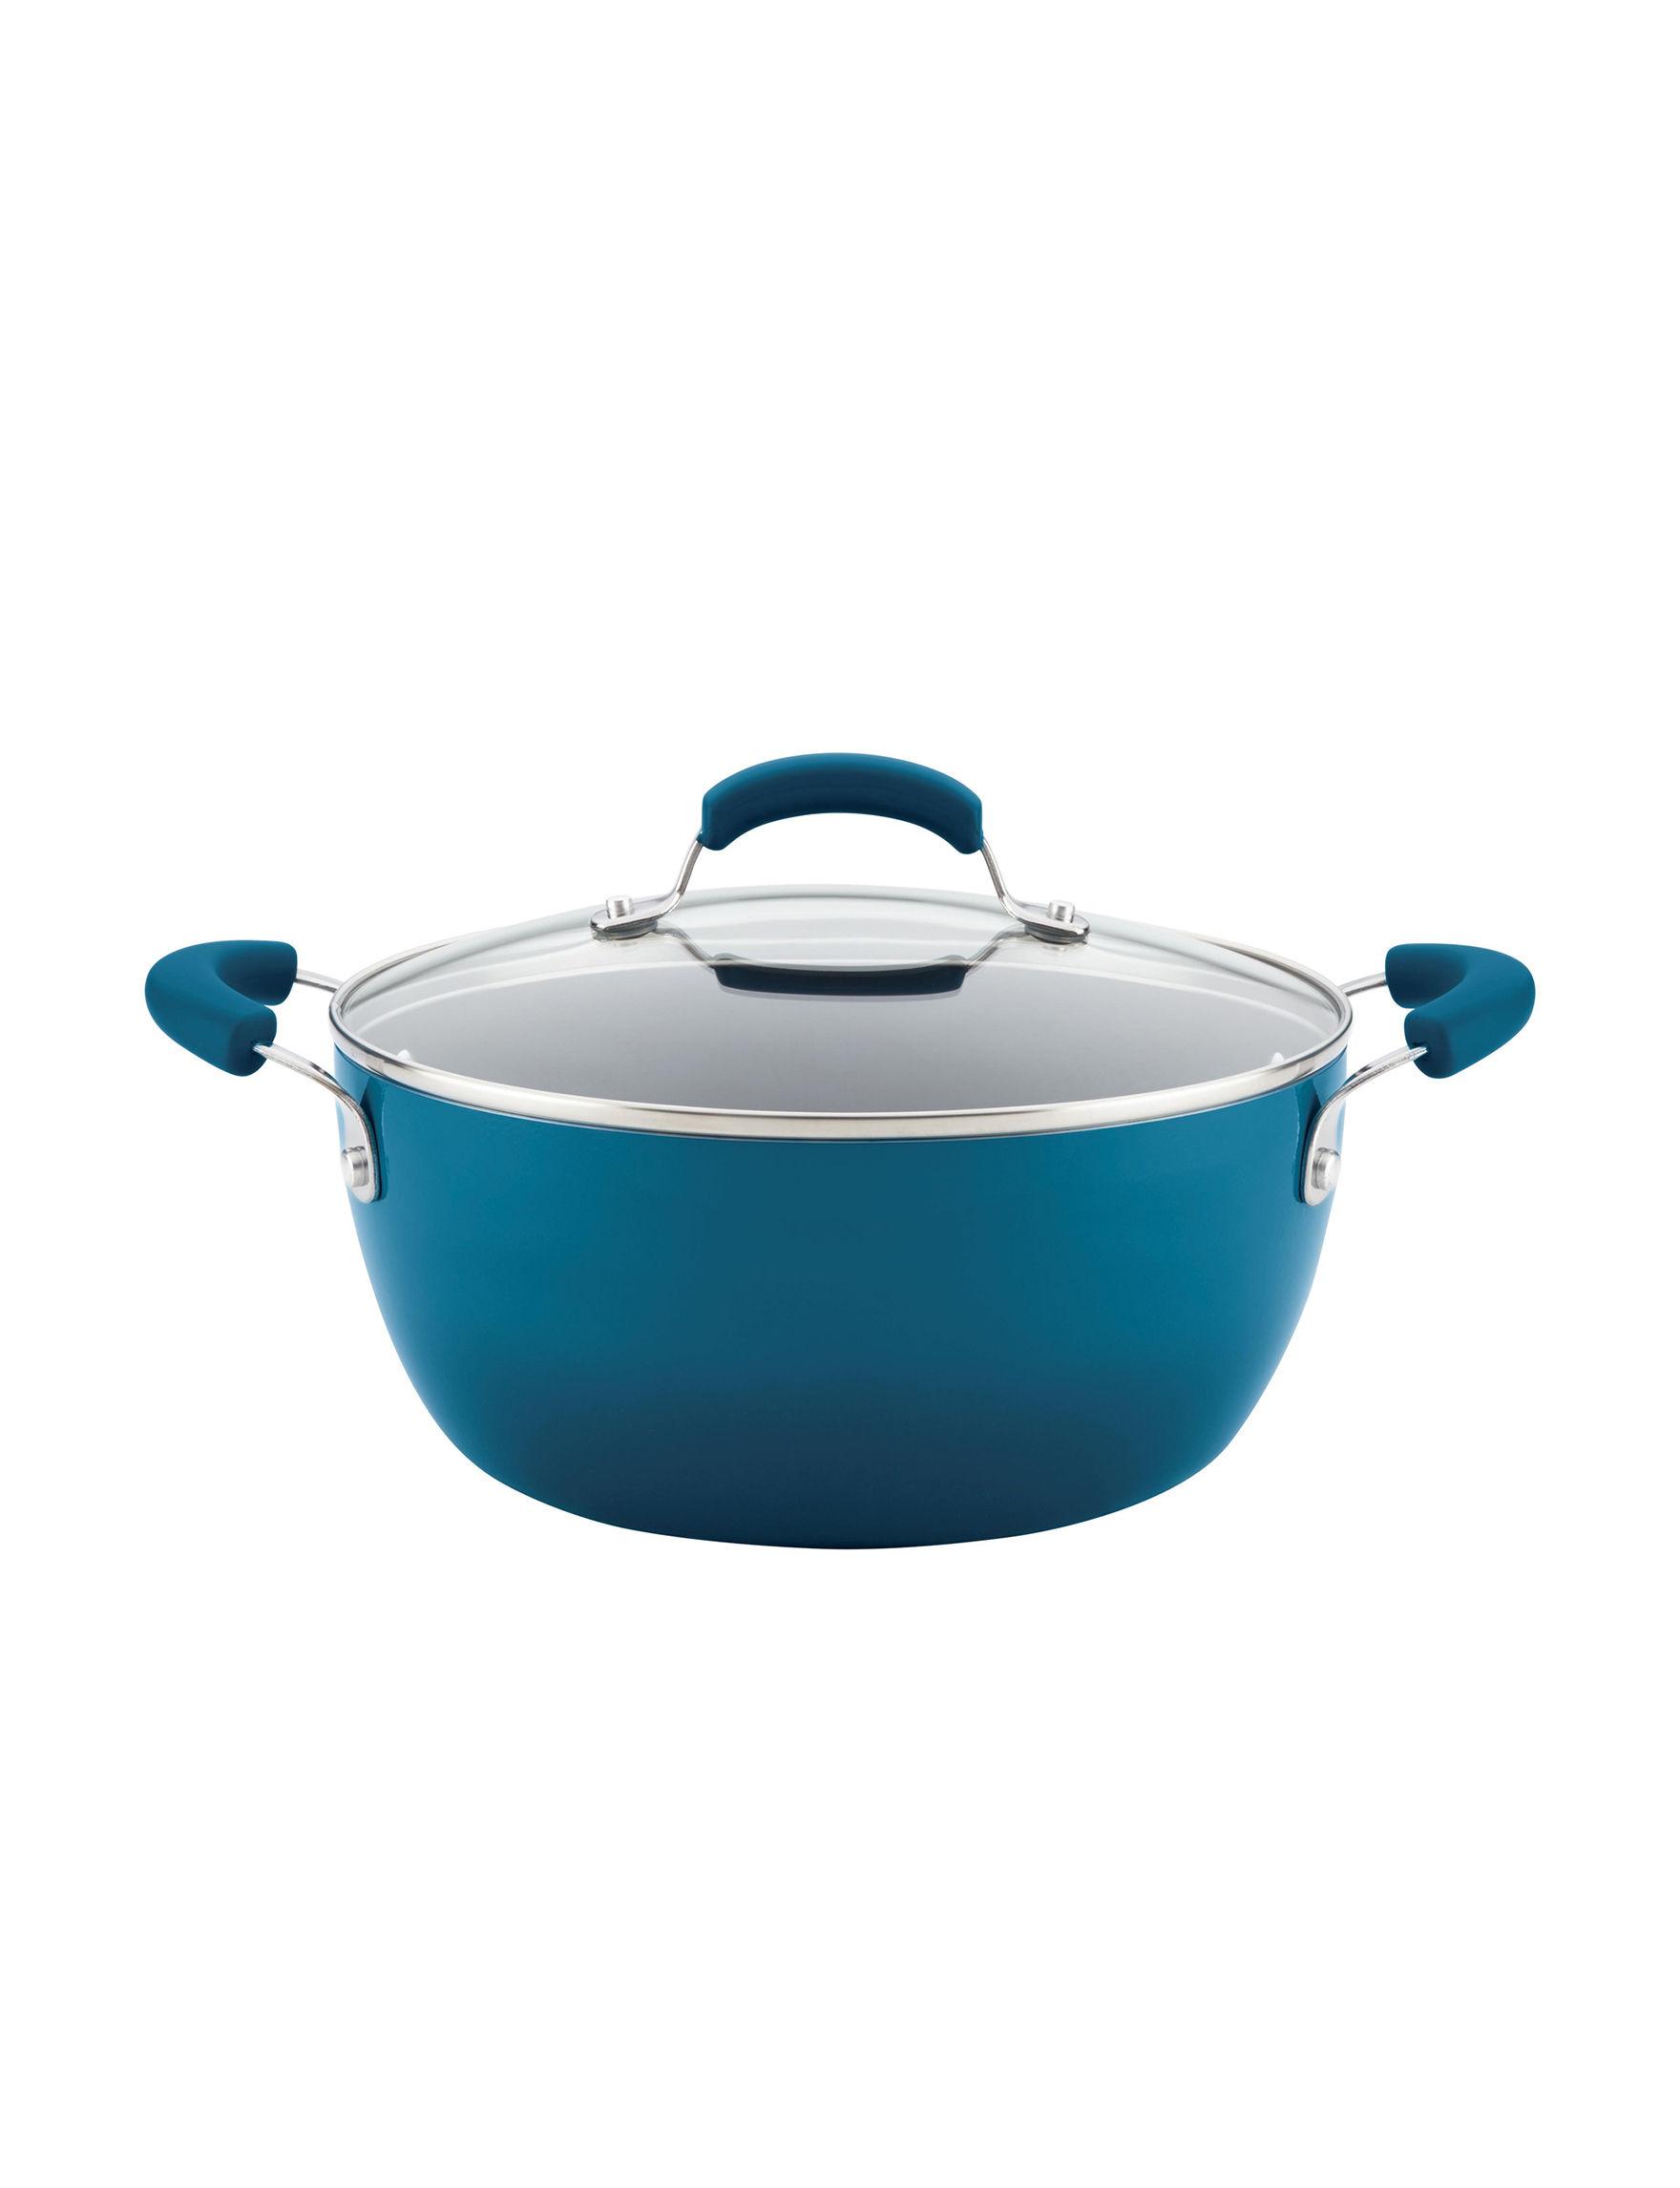 Rachael Ray Blue Pots & Dutch Ovens Cookware